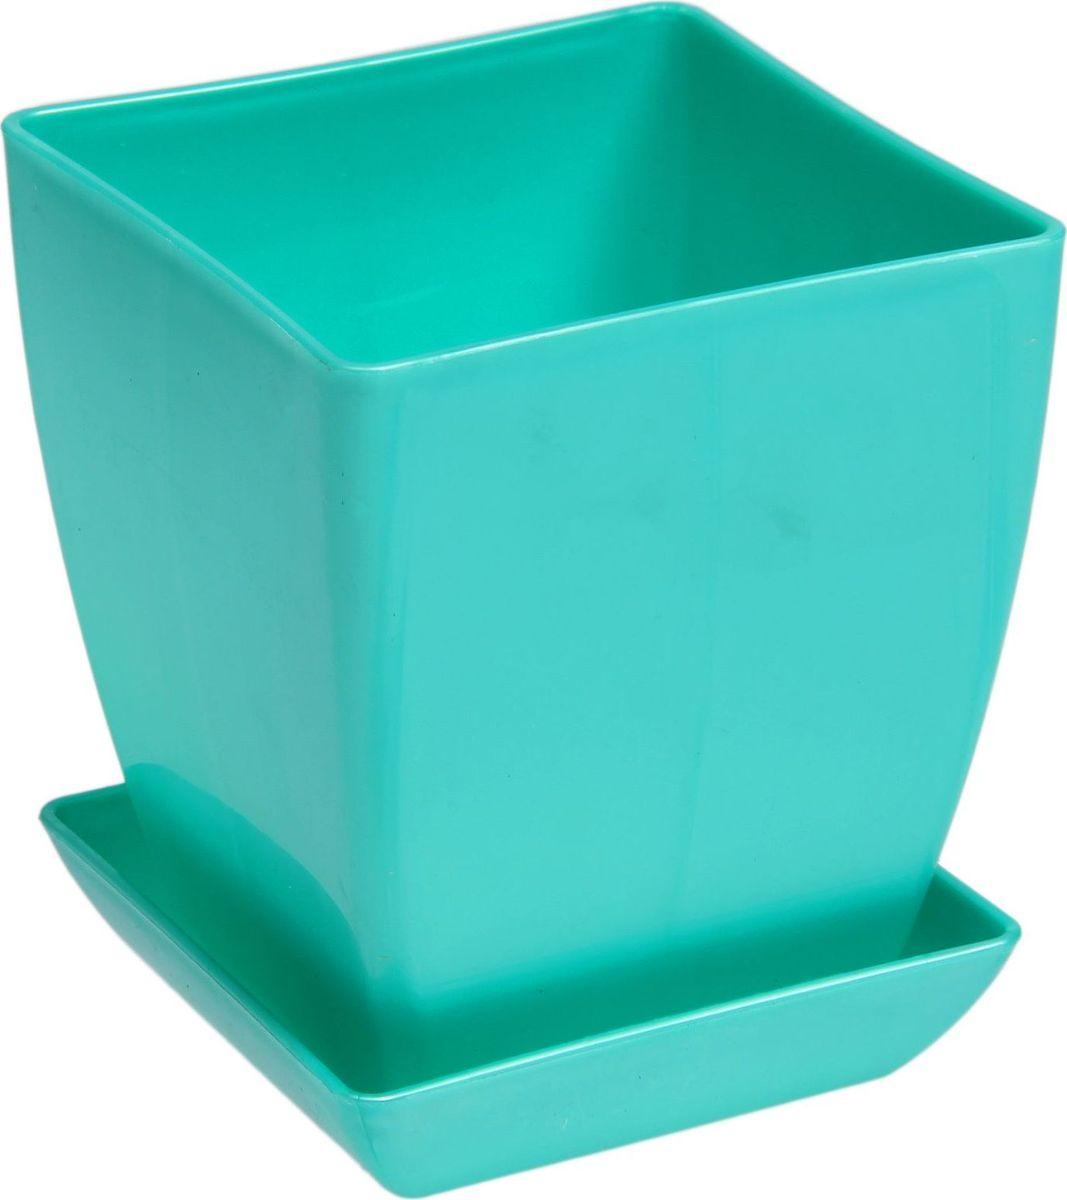 Горшок для цветов Квадрат, с поддоном, цвет: зеленый, 0,3 л1459531Любой, даже самый современный и продуманный интерьер будет незавершённым без растений. Они не только очищают воздух и насыщают его кислородом, но и украшают окружающее пространство. Такому полезному члену семьи просто необходим красивый и функциональный дом! Мы предлагаем #name#! Оптимальный выбор материала — пластмасса! Почему мы так считаем?Малый вес. С лёгкостью переносите горшки и кашпо с места на место, ставьте их на столики или полки, не беспокоясь о нагрузке. Простота ухода. Кашпо не нуждается в специальных условиях хранения. Его легко чистить — достаточно просто сполоснуть тёплой водой. Никаких потёртостей. Такие кашпо не царапают и не загрязняют поверхности, на которых стоят. Пластик дольше хранит влагу, а значит, растение реже нуждается в поливе. Пластмасса не пропускает воздух — корневой системе растения не грозят резкие перепады температур. Огромный выбор форм, декора и расцветок — вы без труда найдёте что-то, что идеально впишется в уже существующий интерьер. Соблюдая нехитрые правила ухода, вы можете заметно продлить срок службы горшков и кашпо из пластика:всегда учитывайте размер кроны и корневой системы (при разрастании большое растение способно повредить маленький горшок)берегите изделие от воздействия прямых солнечных лучей, чтобы горшки не выцветалидержите кашпо из пластика подальше от нагревающихся поверхностей. Создавайте прекрасные цветочные композиции, выращивайте рассаду или необычные растения.